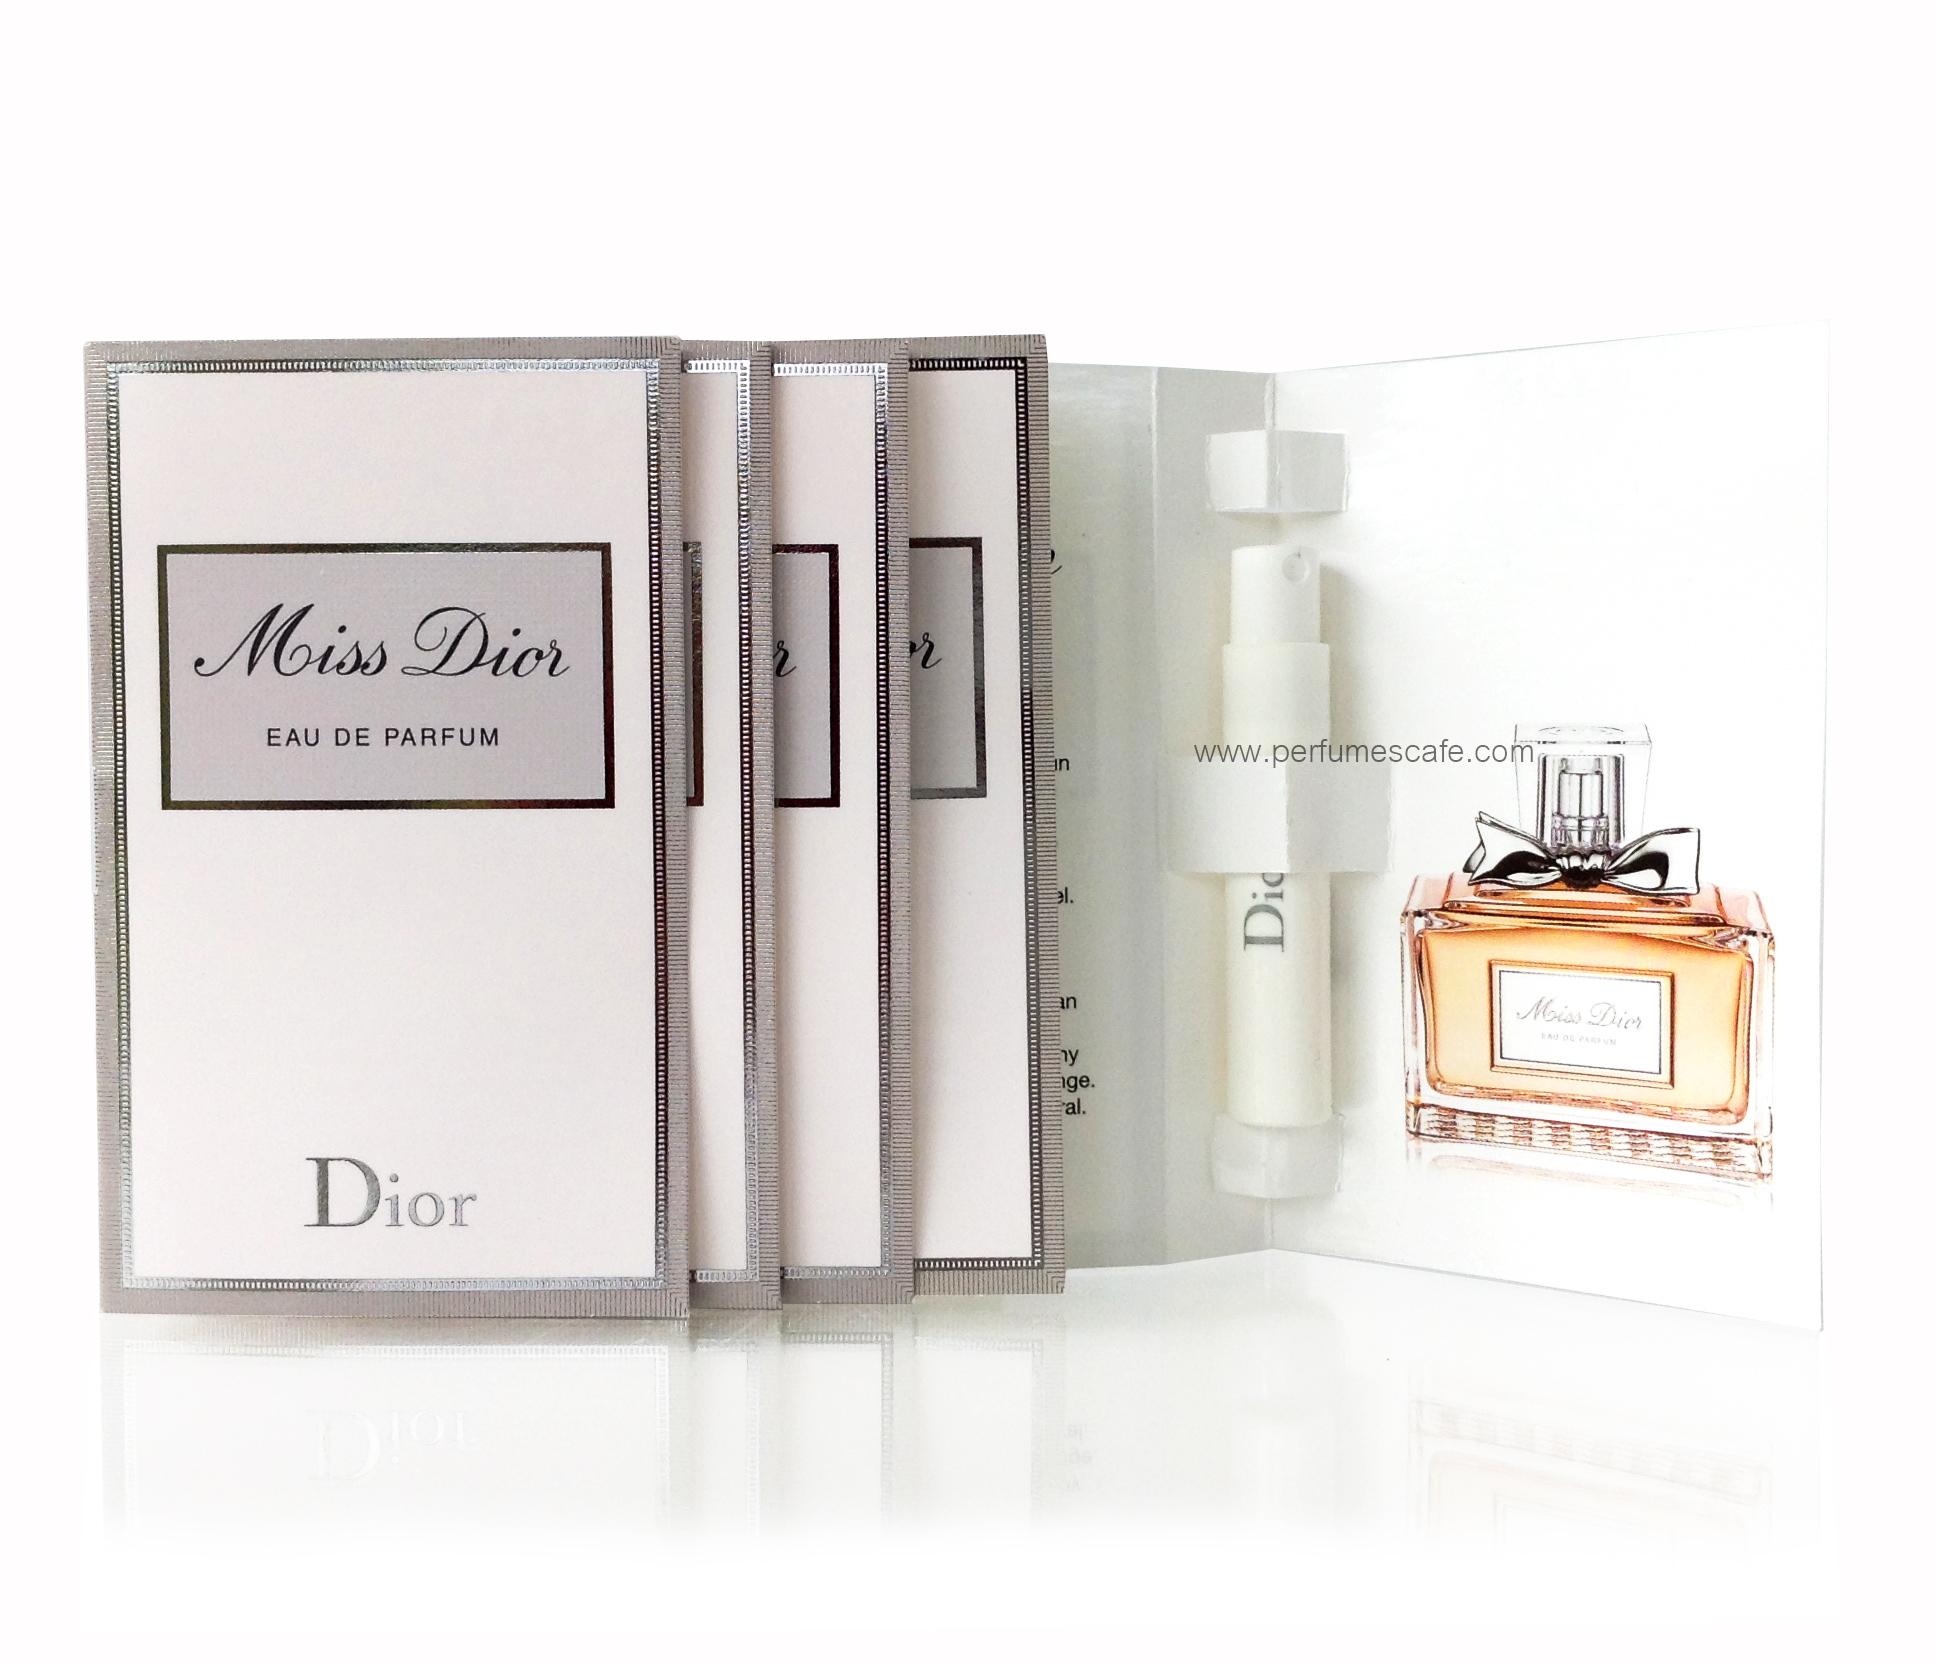 น้ำหอม Miss Dior Eau de Parfum ขนาดทดลอง 1.2ml